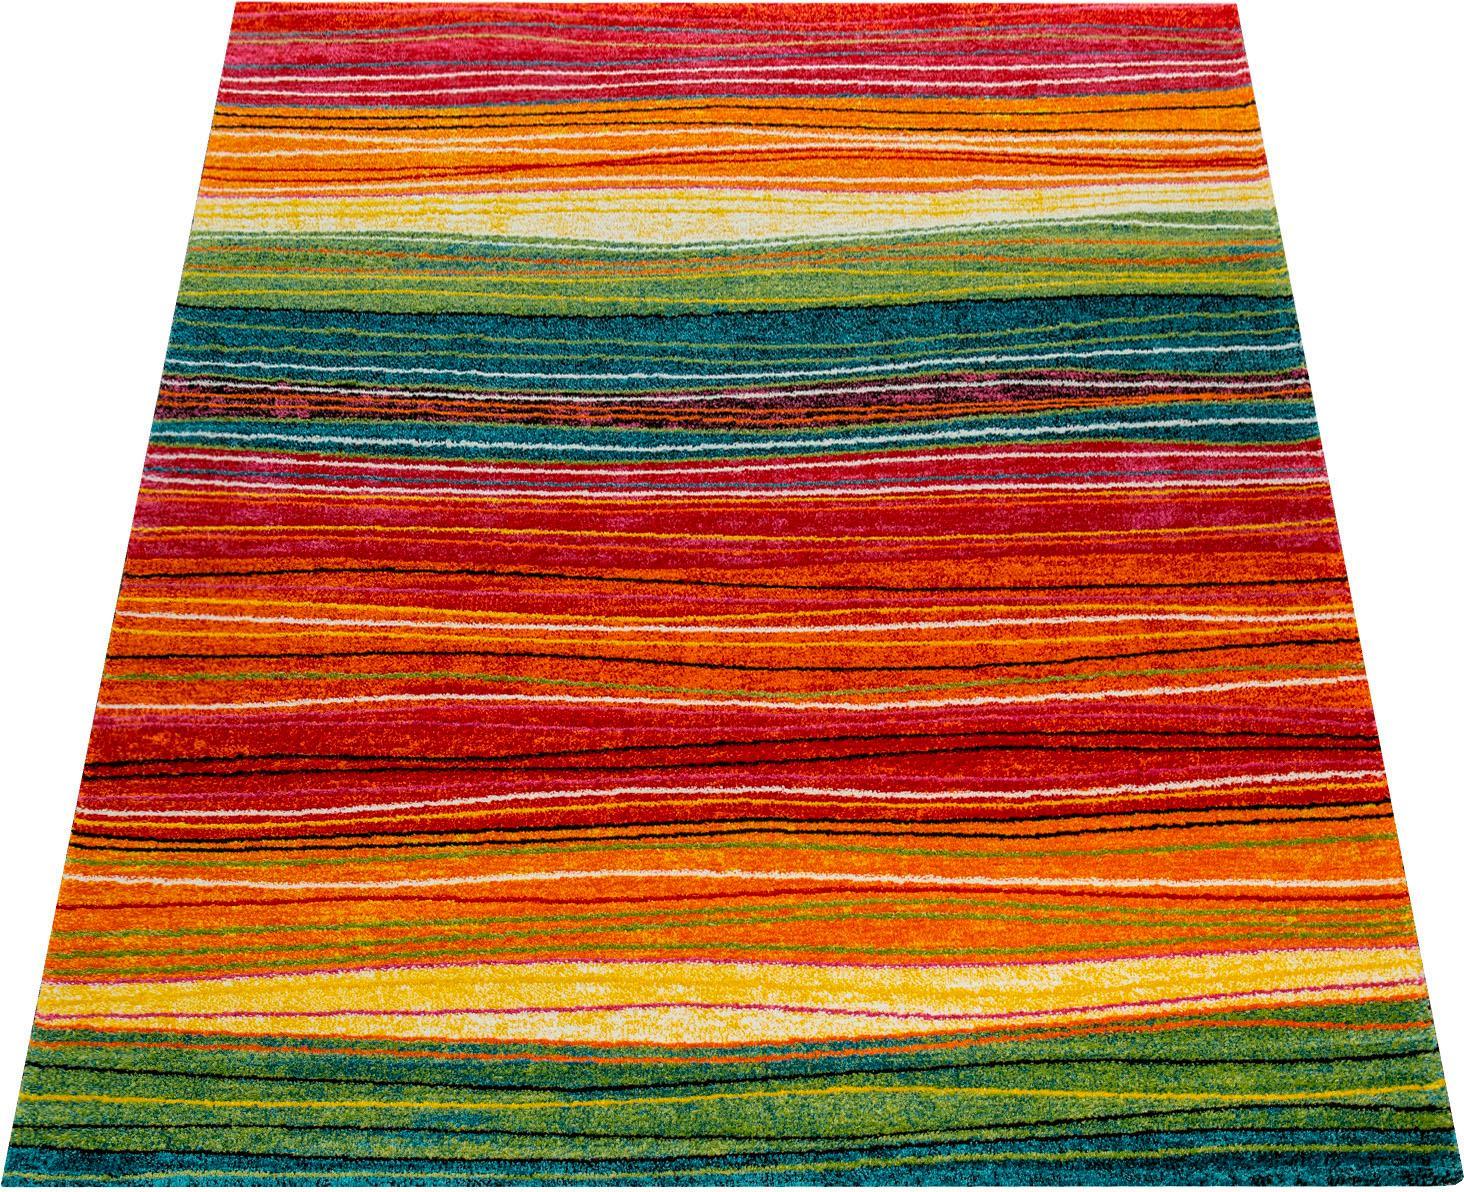 Teppich Canvas 773 Paco Home rechteckig Höhe 18 mm maschinell gewebt